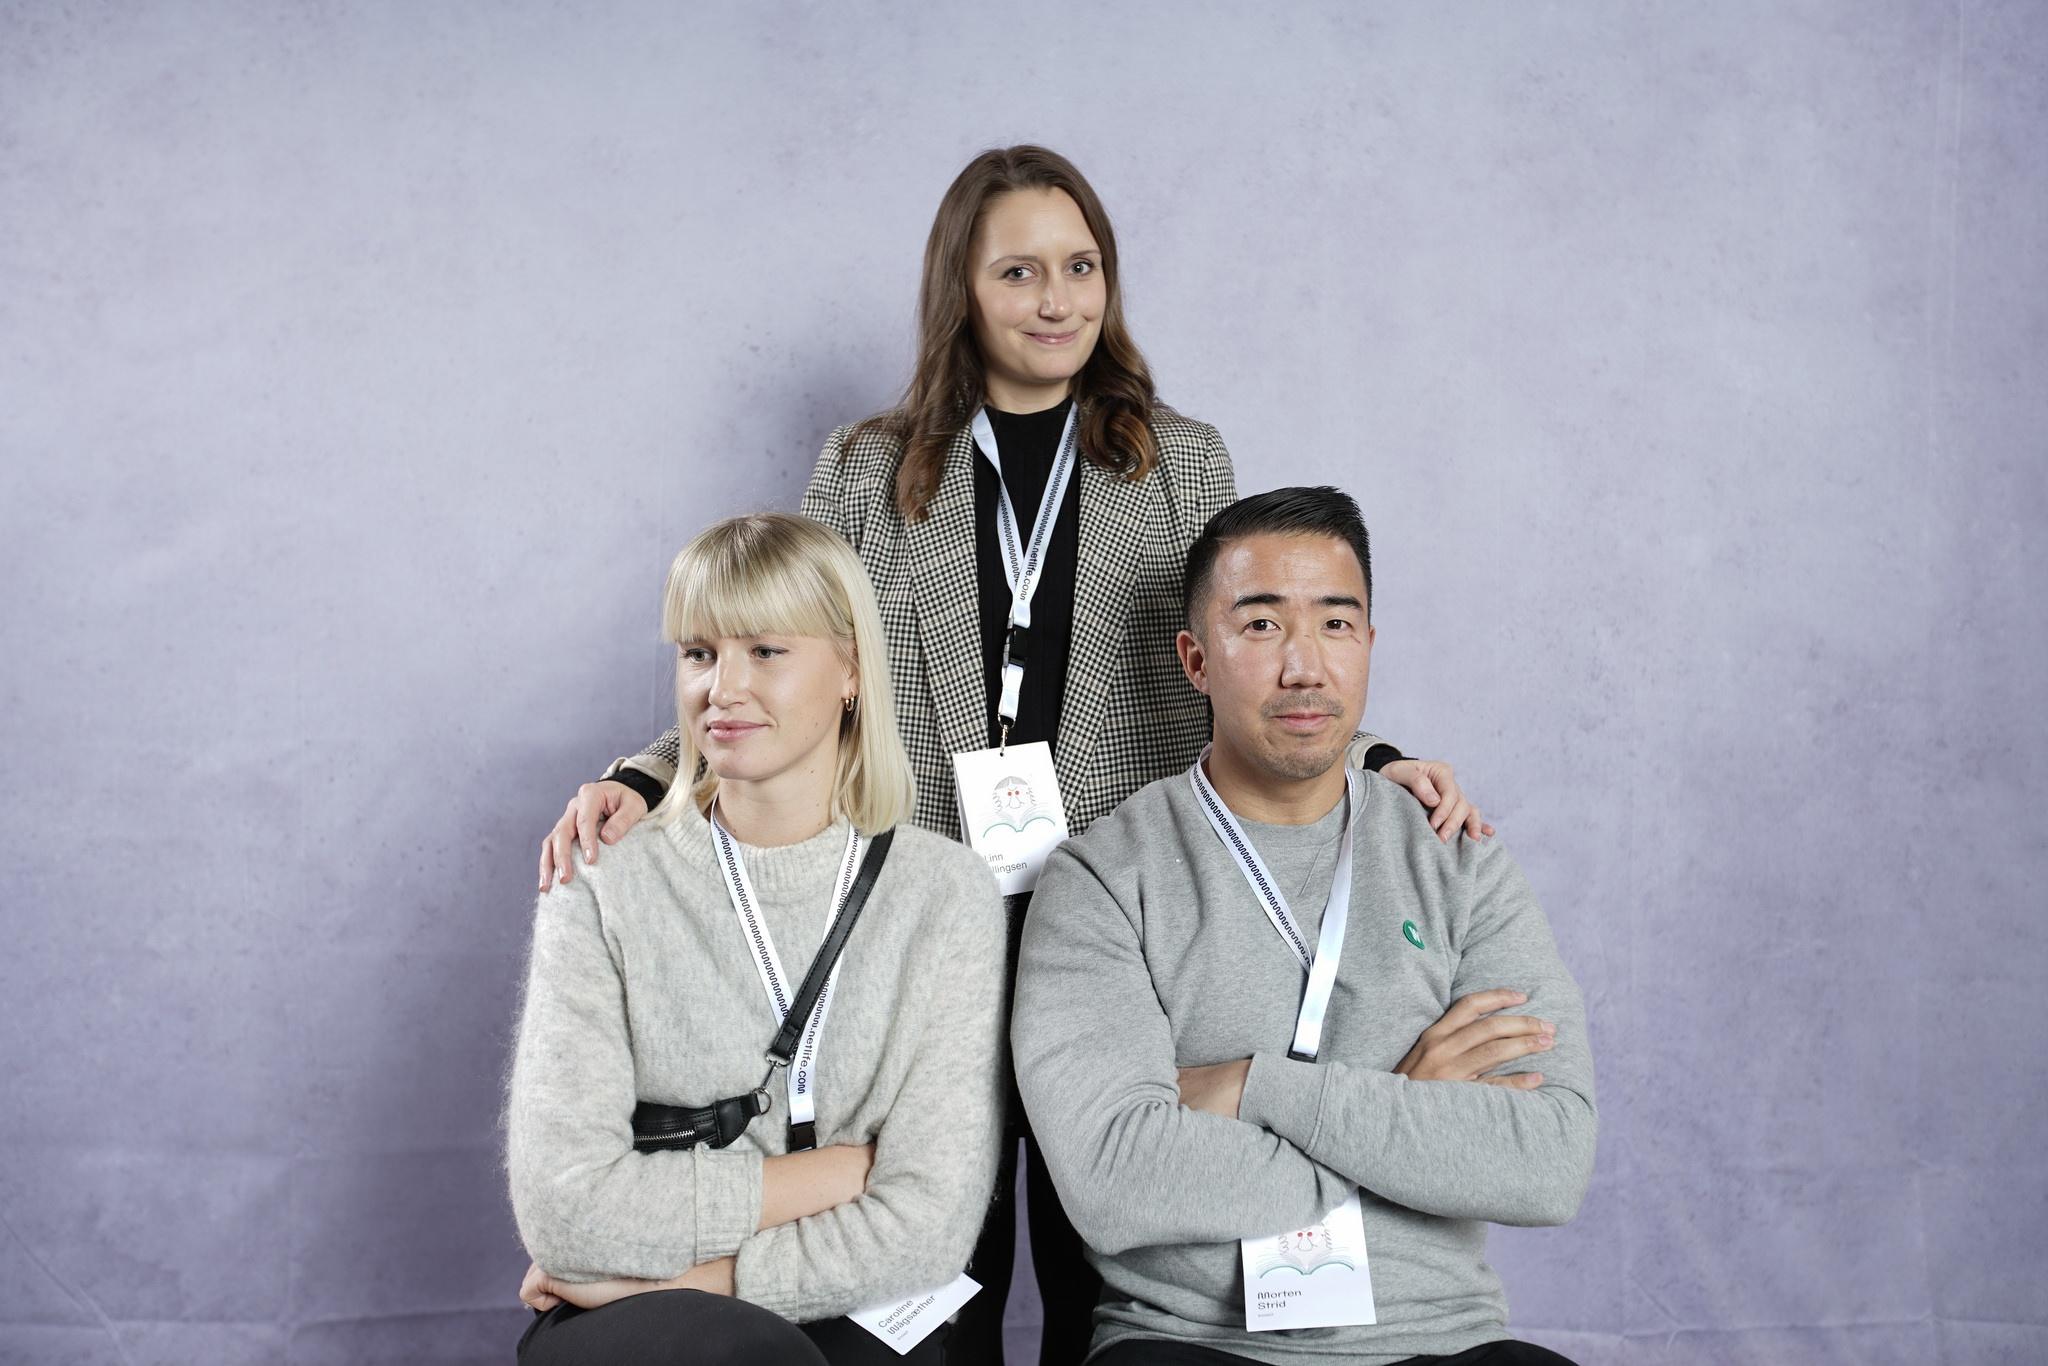 Klassebilde av Linn, Caroline og Morten